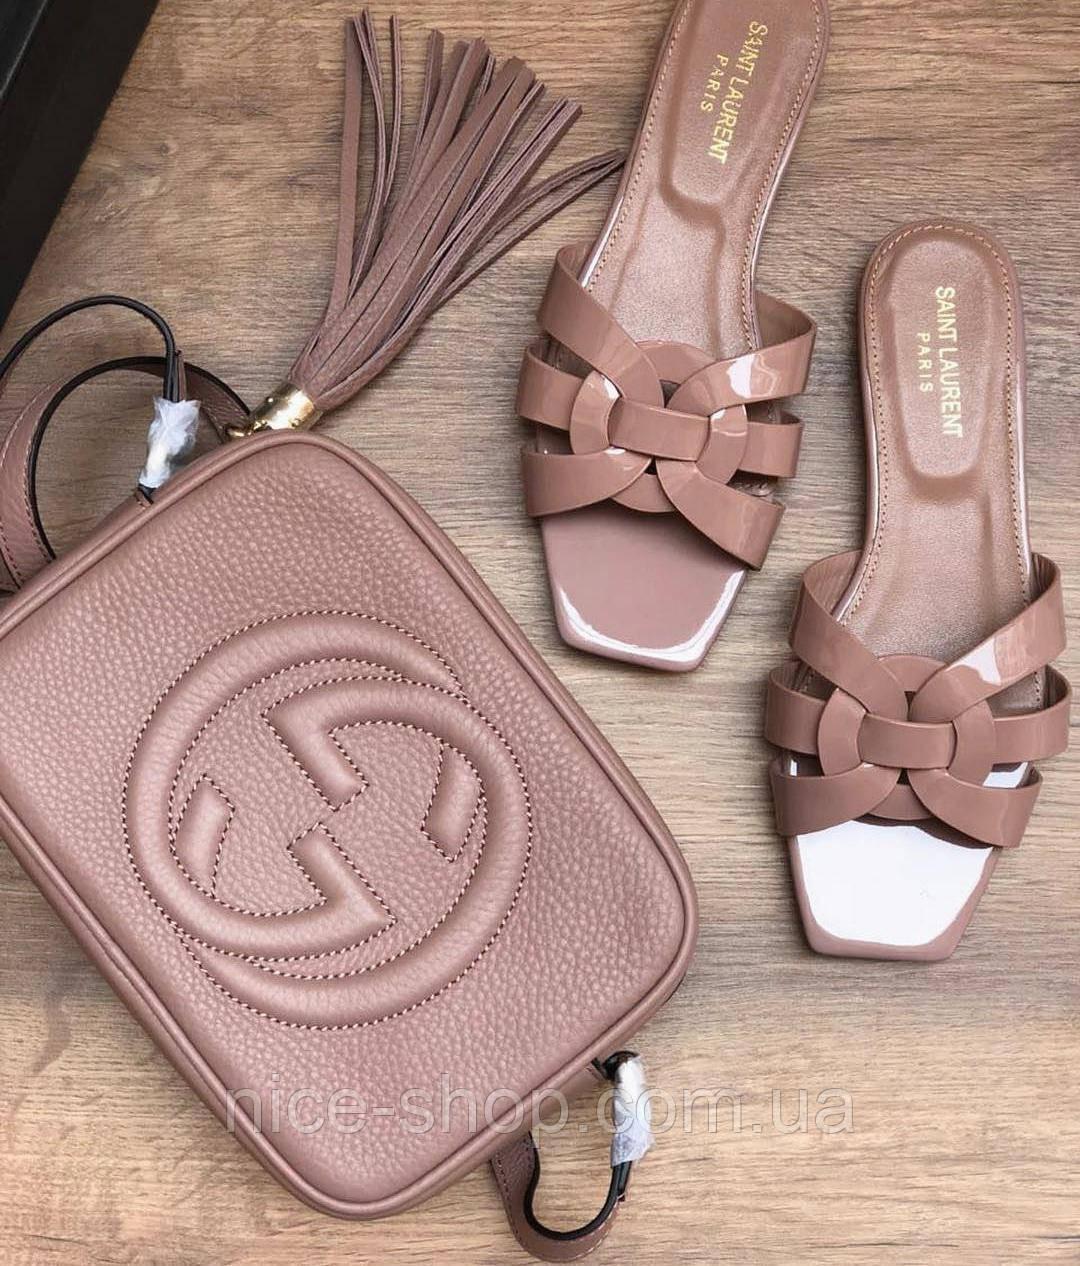 Сумка Gucci mini пудра